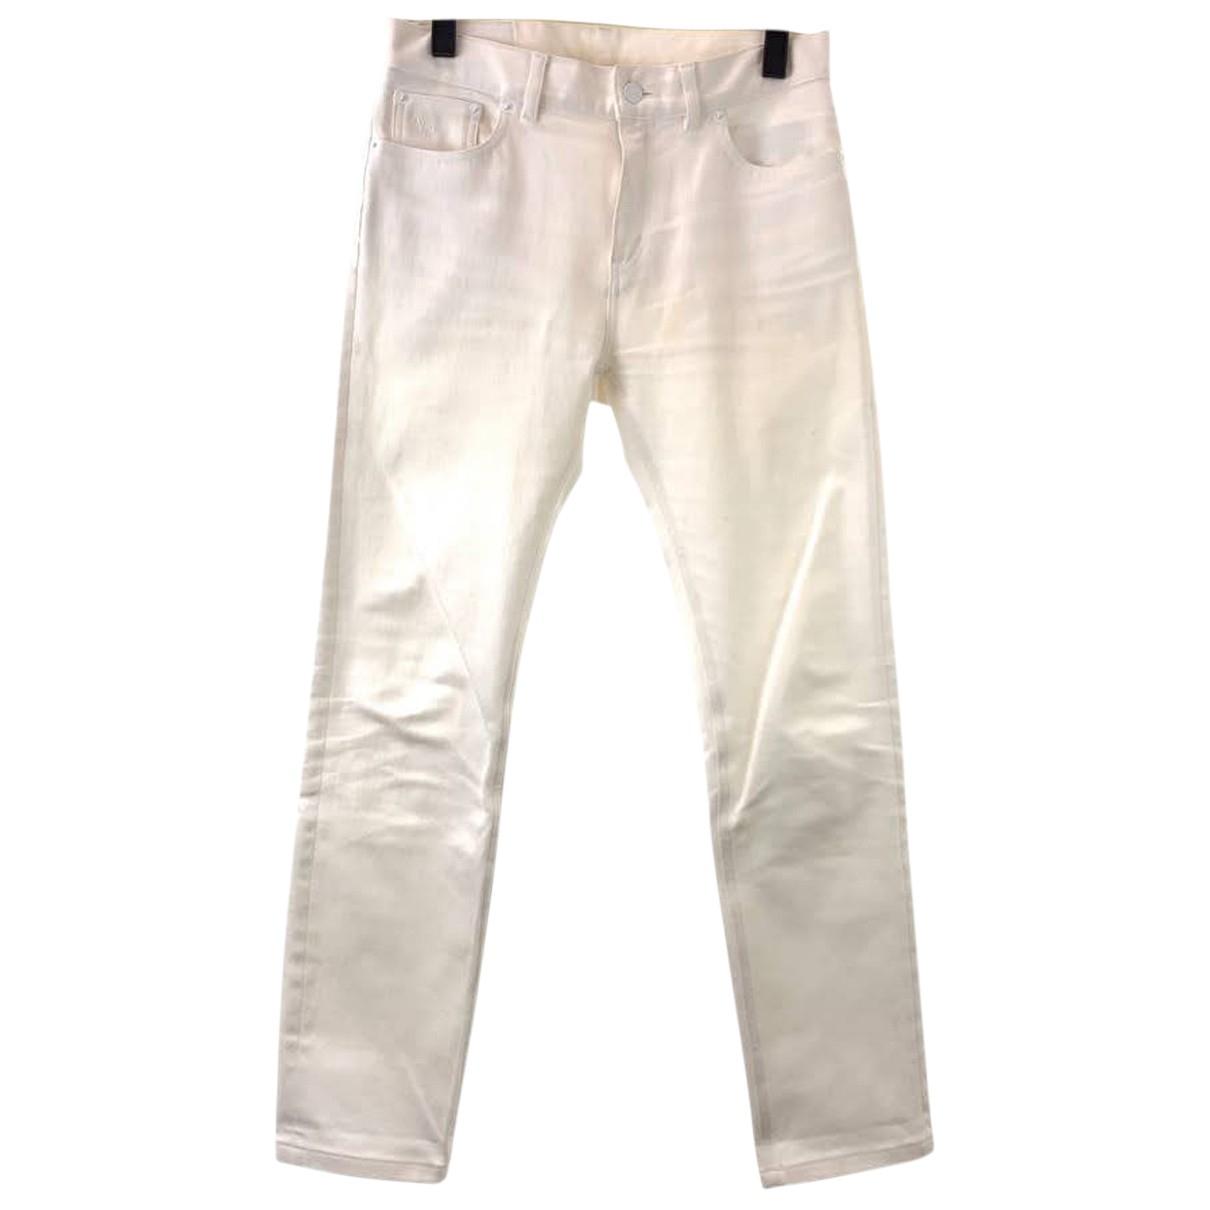 Louis Vuitton N Cotton Trousers for Men 28 UK - US